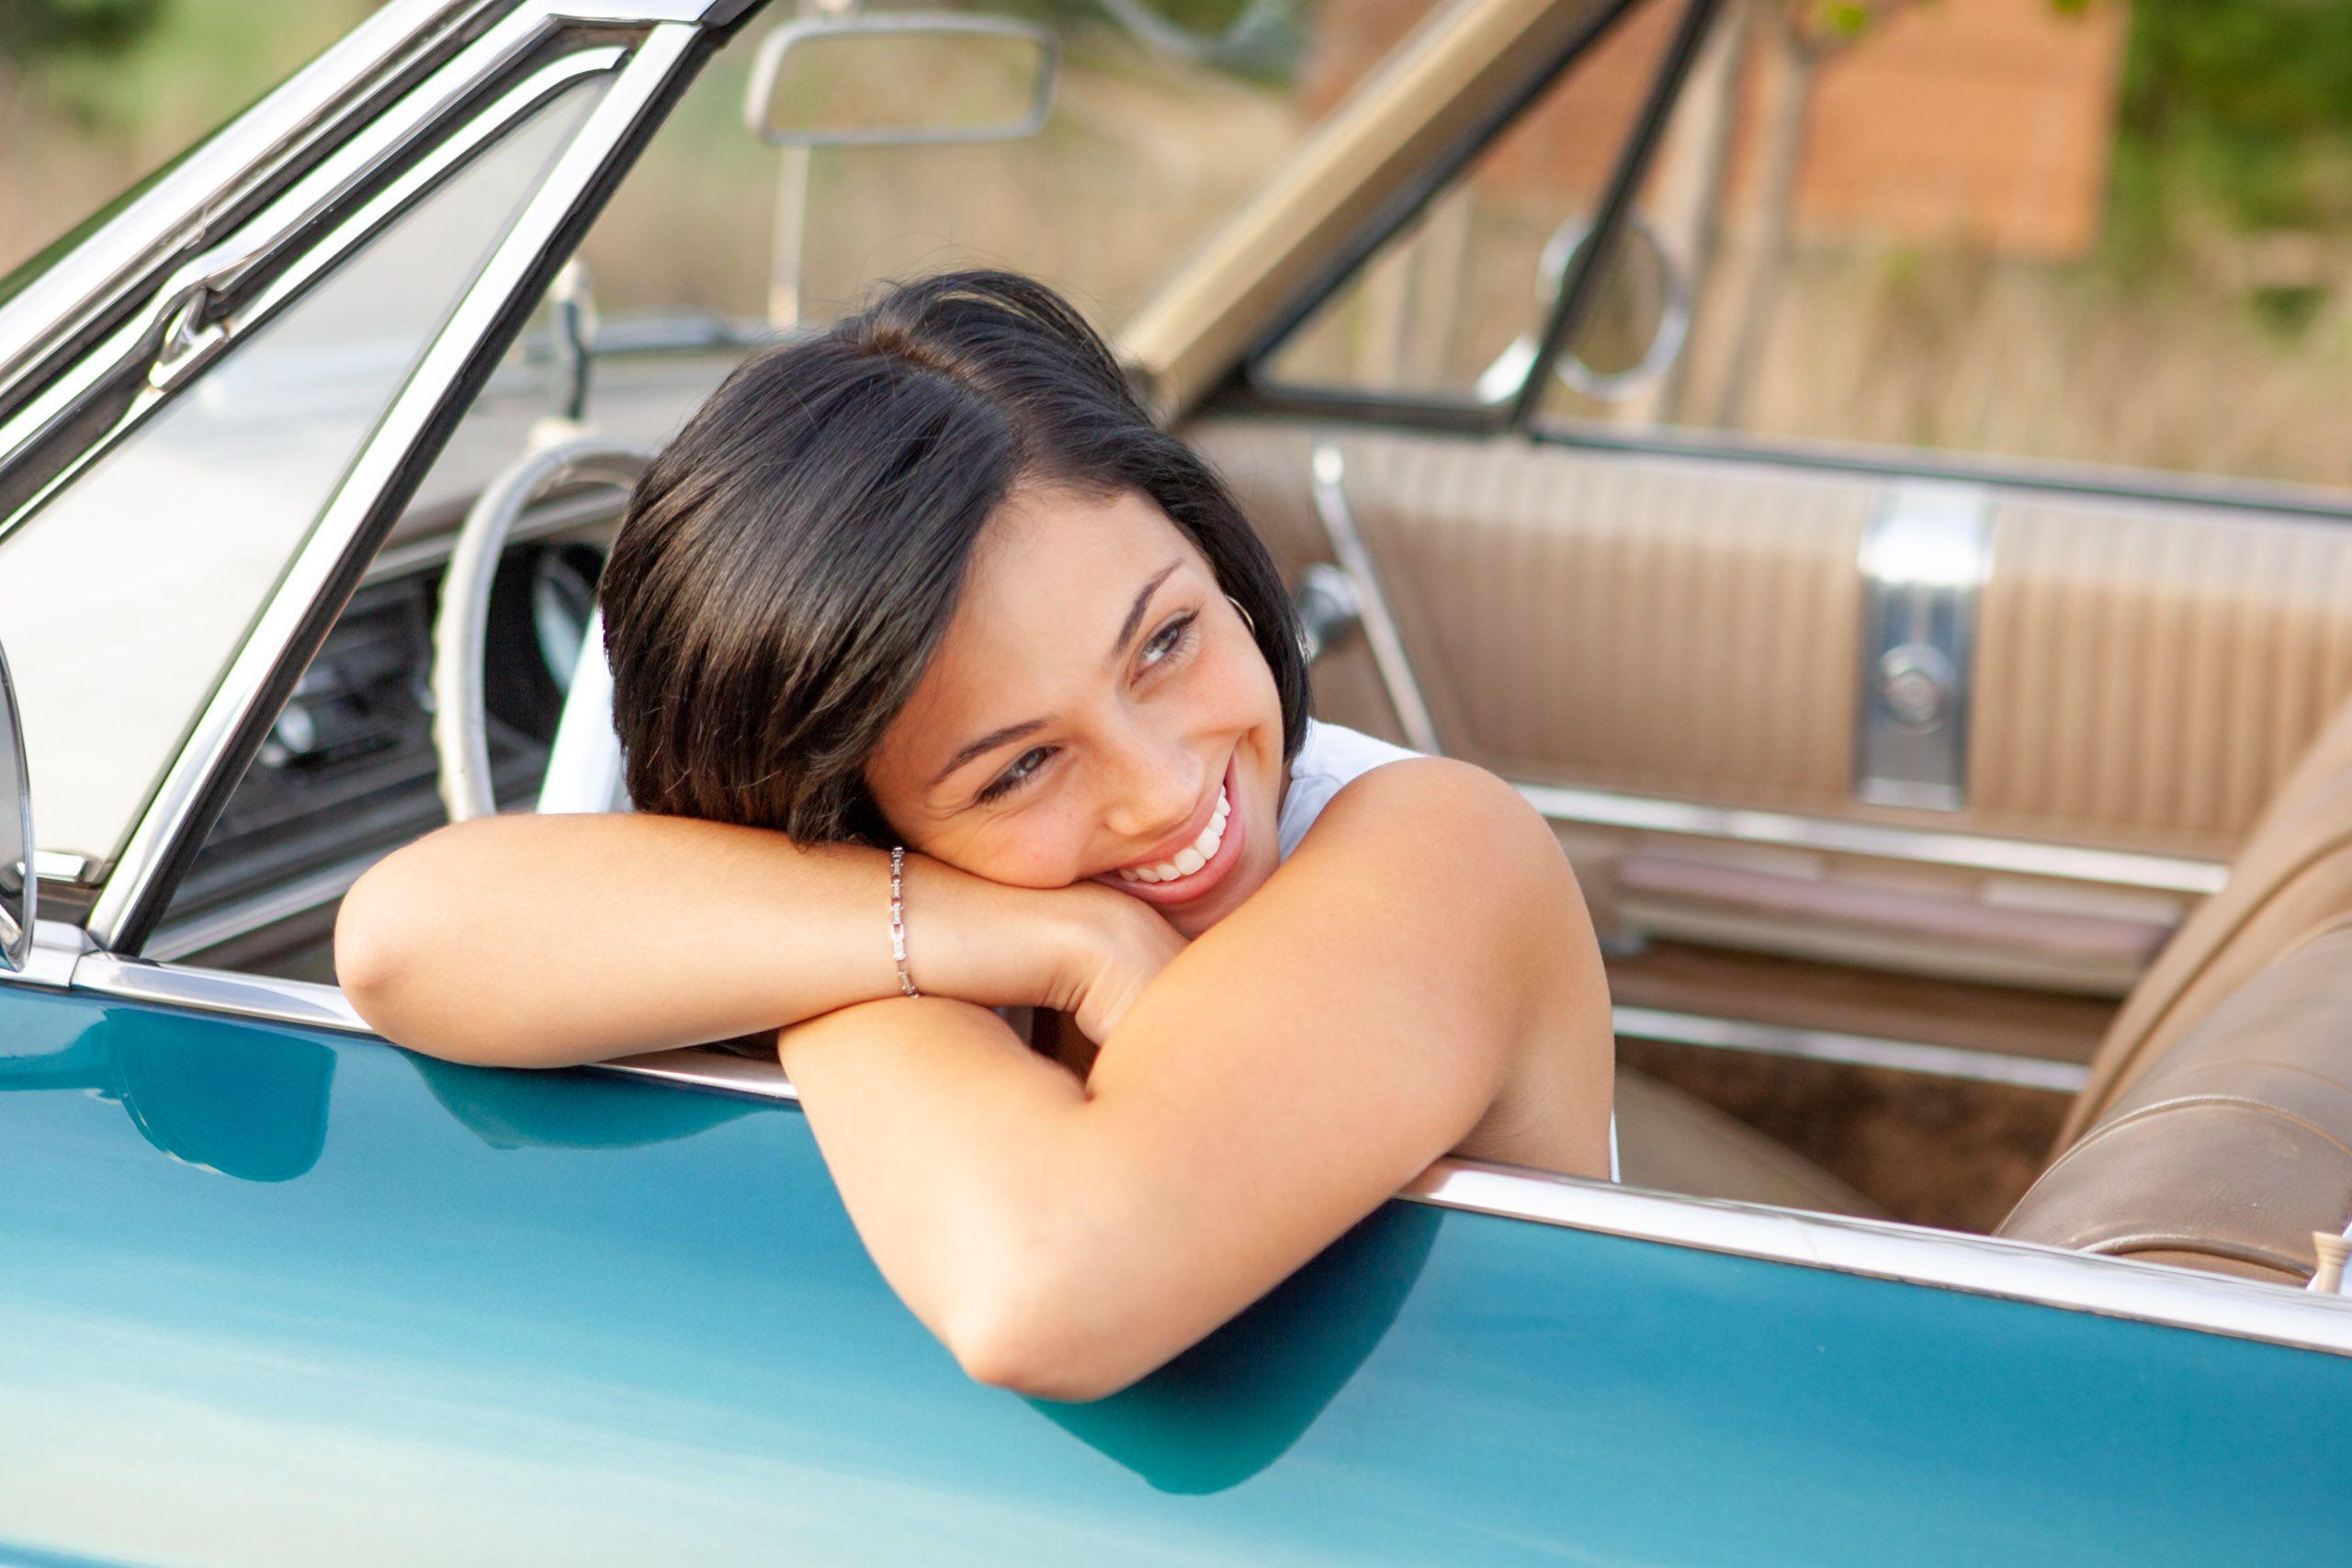 pretty woman in car